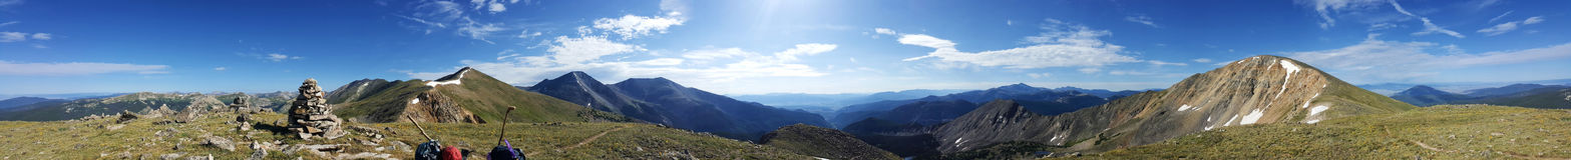 Paisagem da montanha de Colorado fotografia de stock royalty free